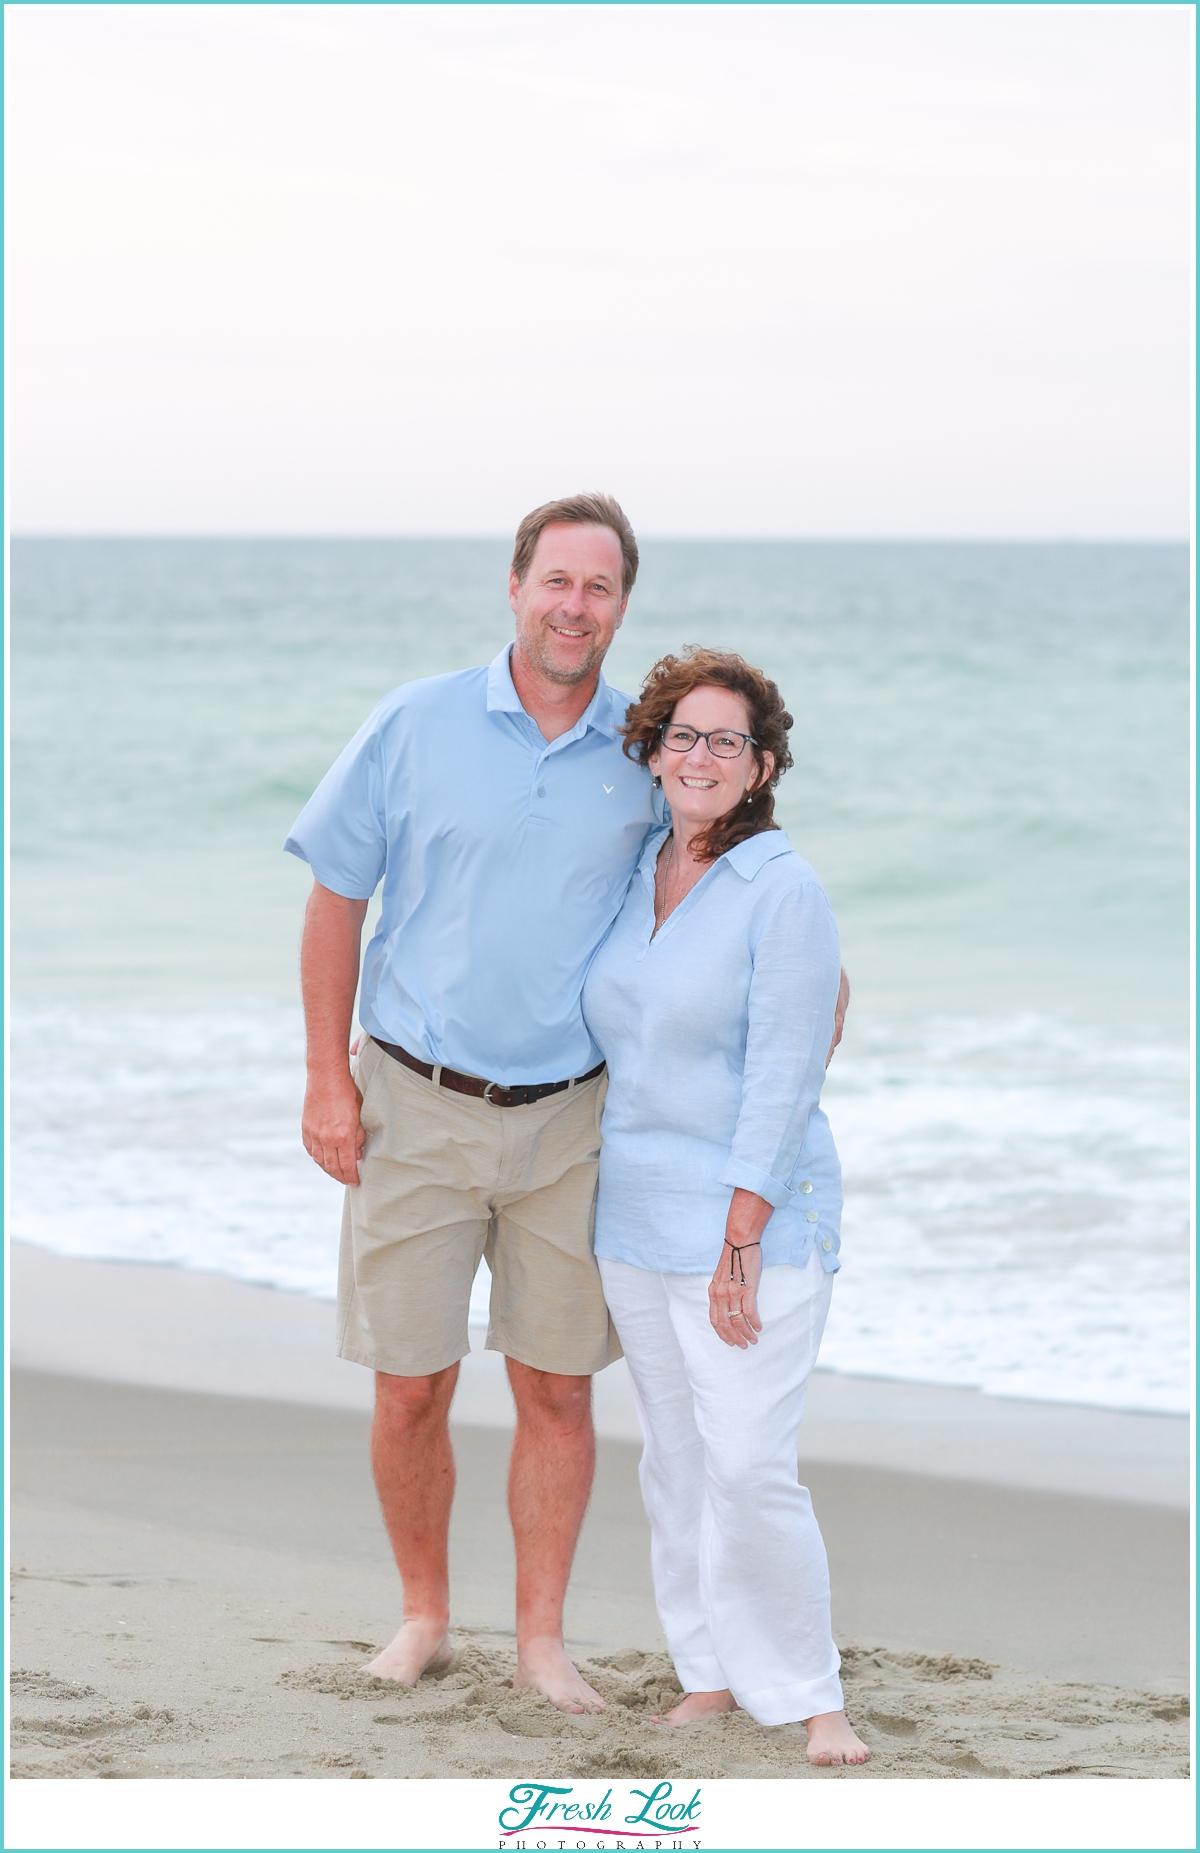 couples photos on the beach